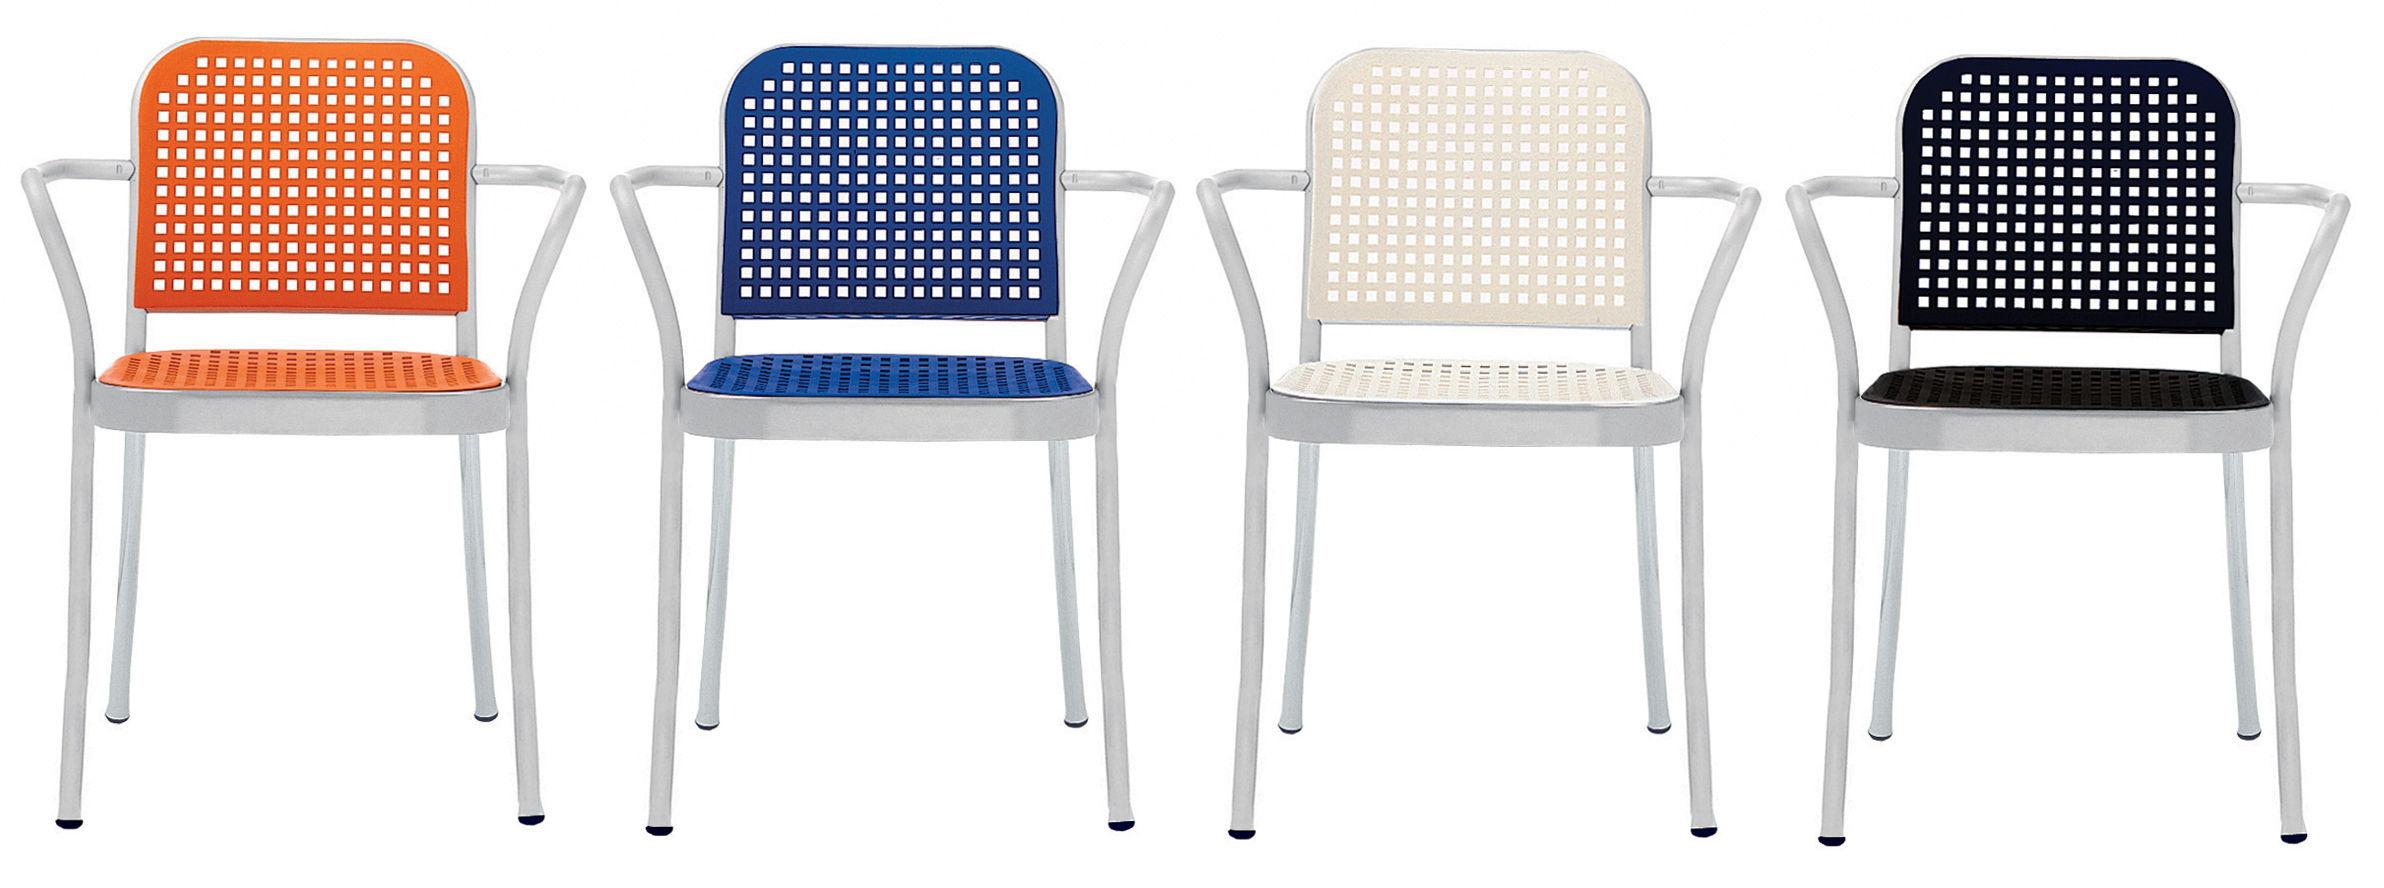 Silver Poltrona Alluminio satinato/ Bianco by De Padova | Made In Design